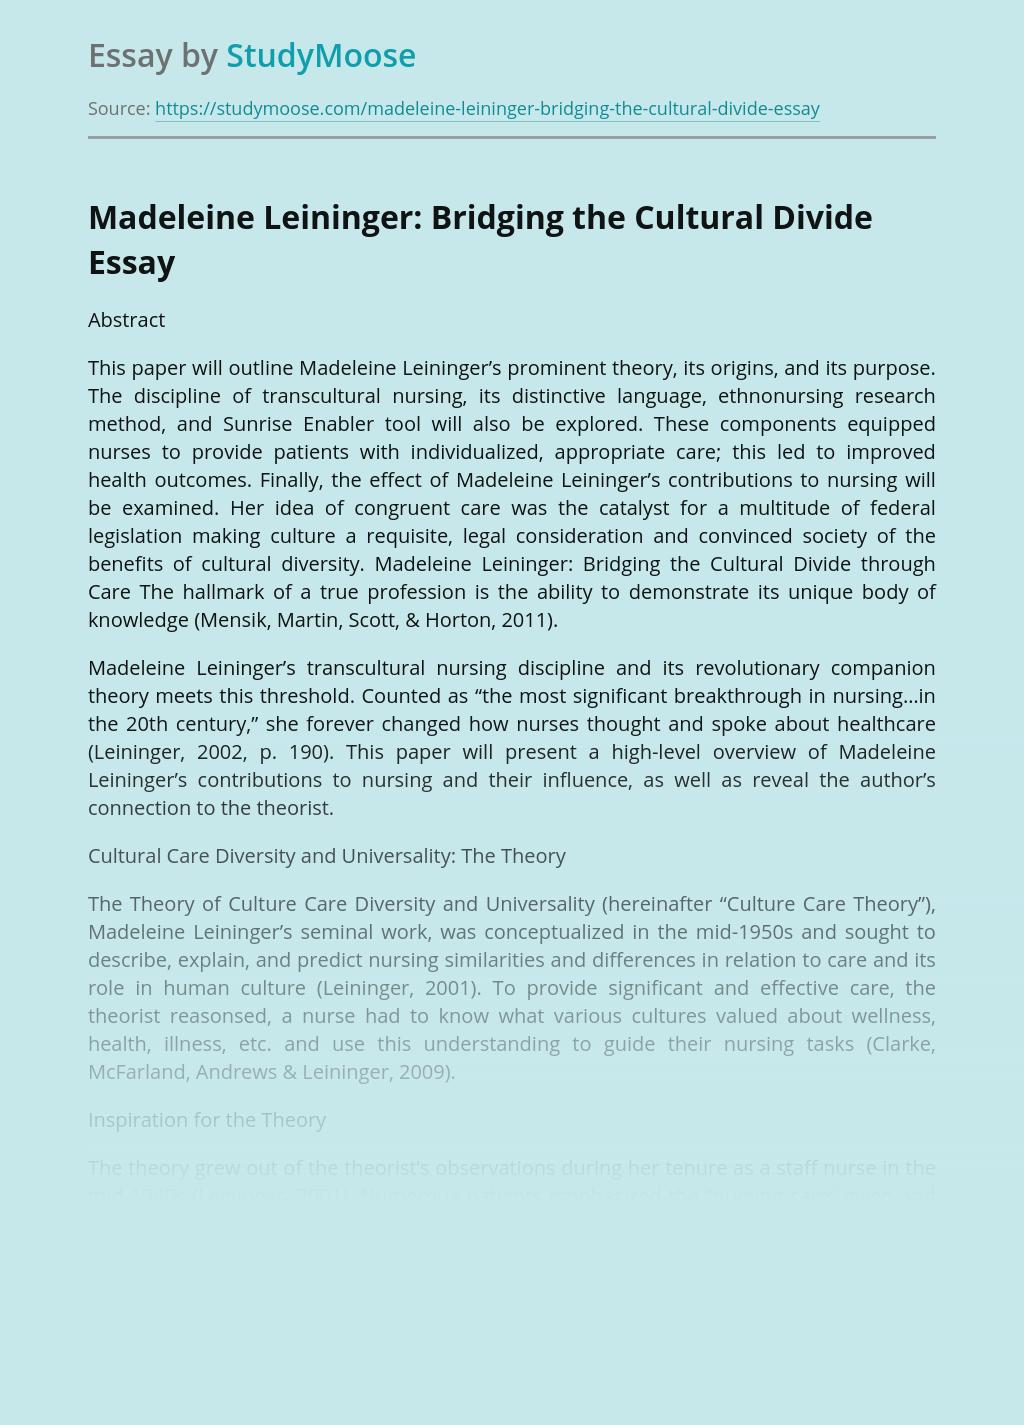 Madeleine Leininger: Bridging the Cultural Divide